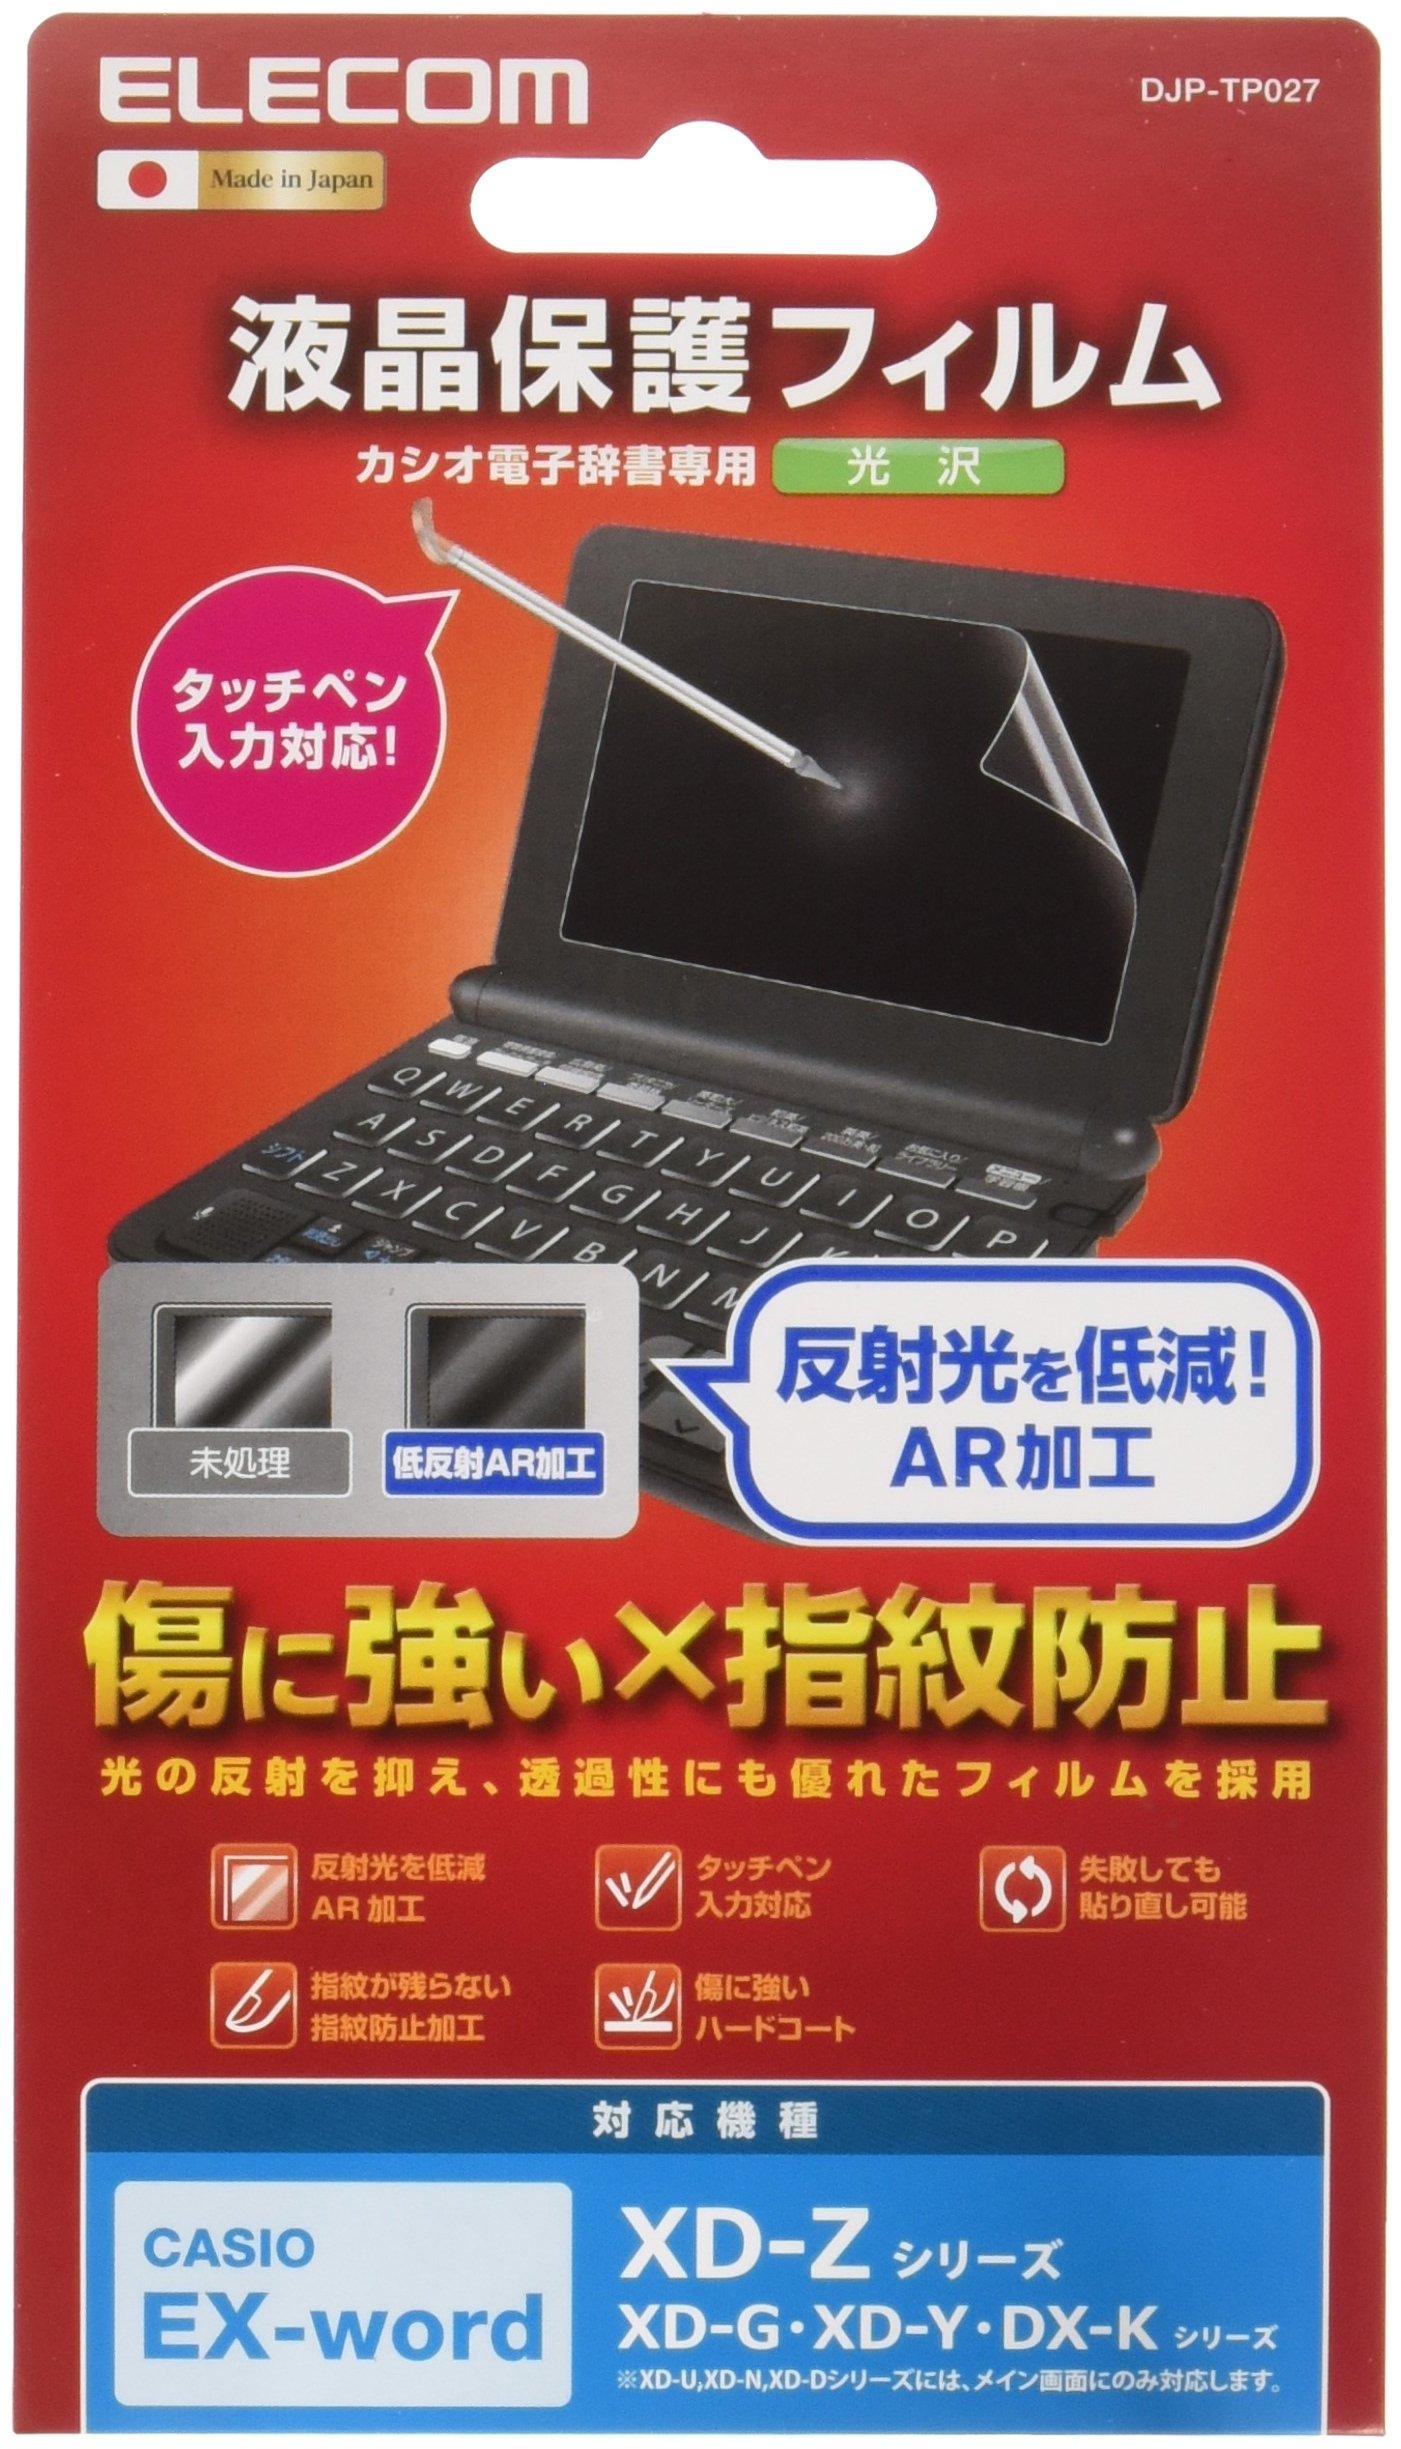 ELECOM electronic dictionary film CASIO XD-K Series DJP-TP027 by ELECOM (ELECOM) (Image #1)